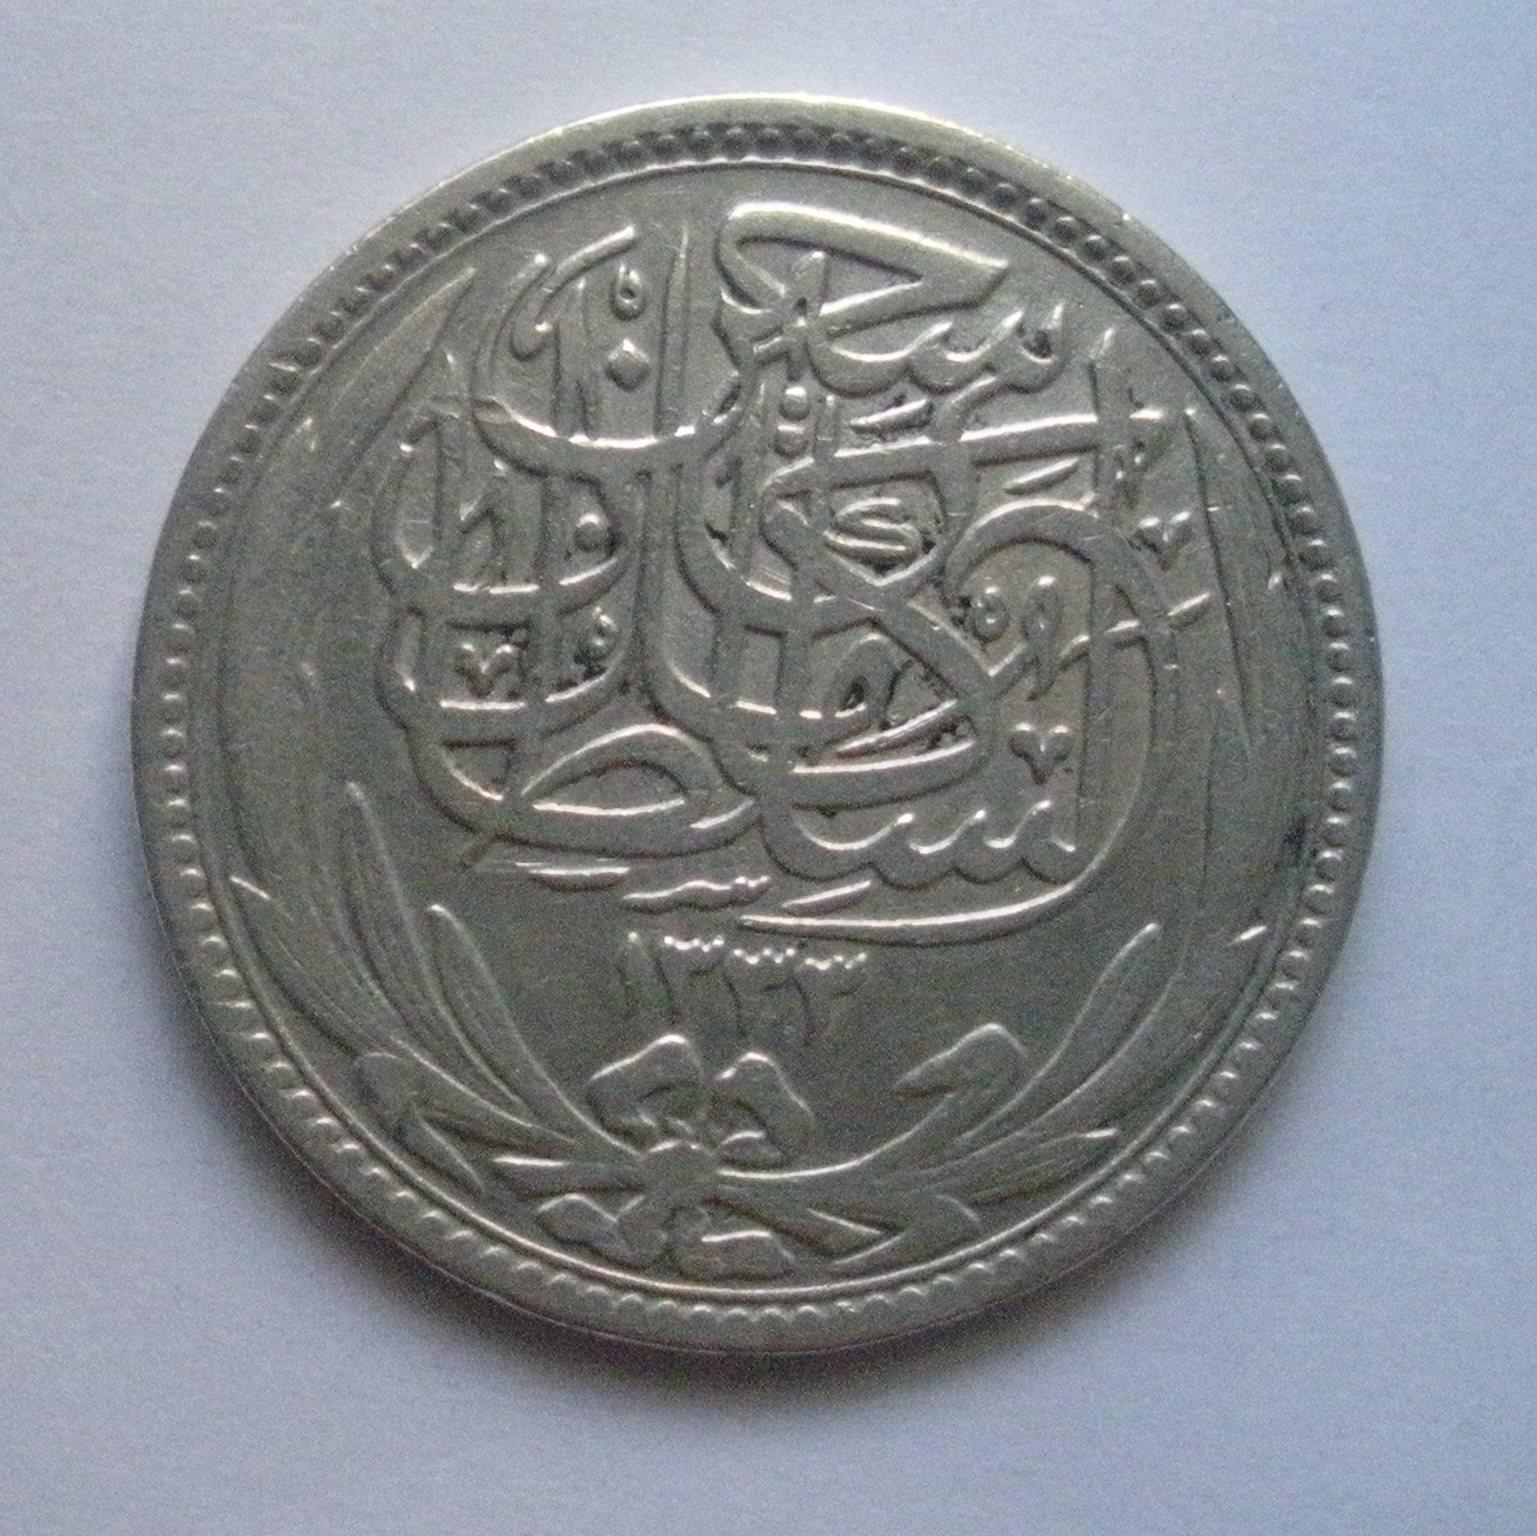 Egyptian Coins Egyptian Kingdom Coins